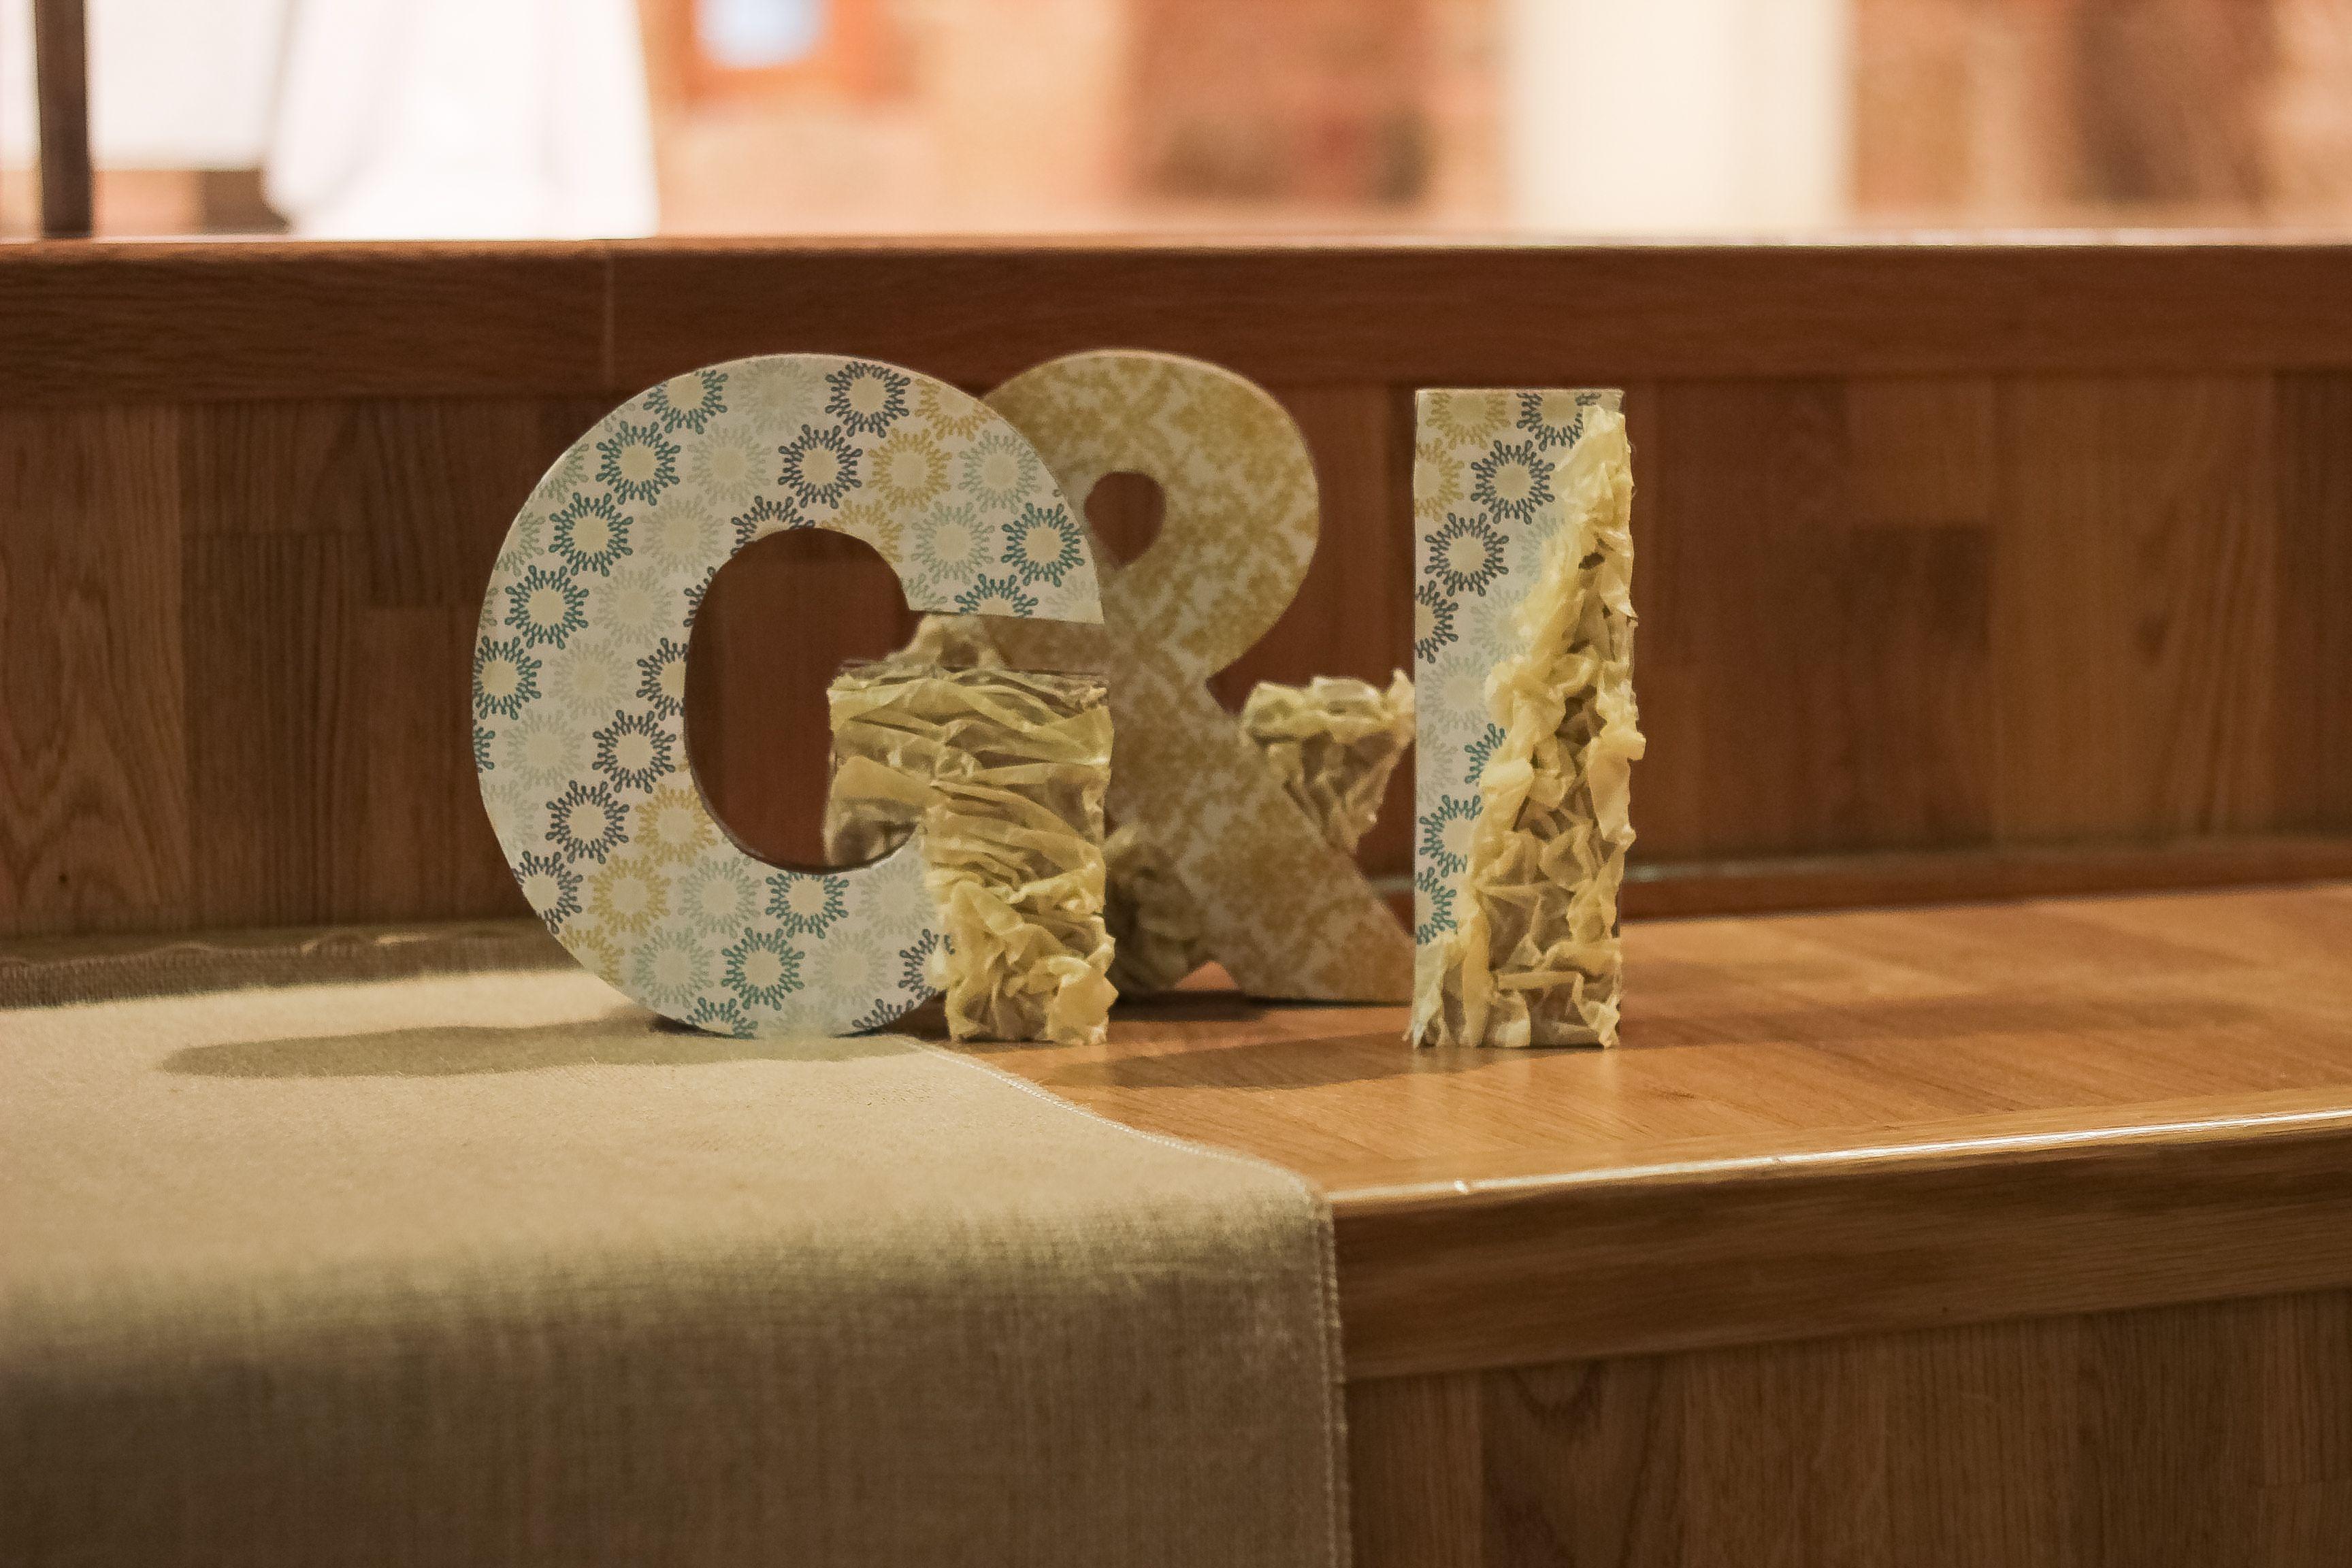 Boda Gemma&Isaac. #letters #letras #wedding #decoration #decoración #bodas #boda